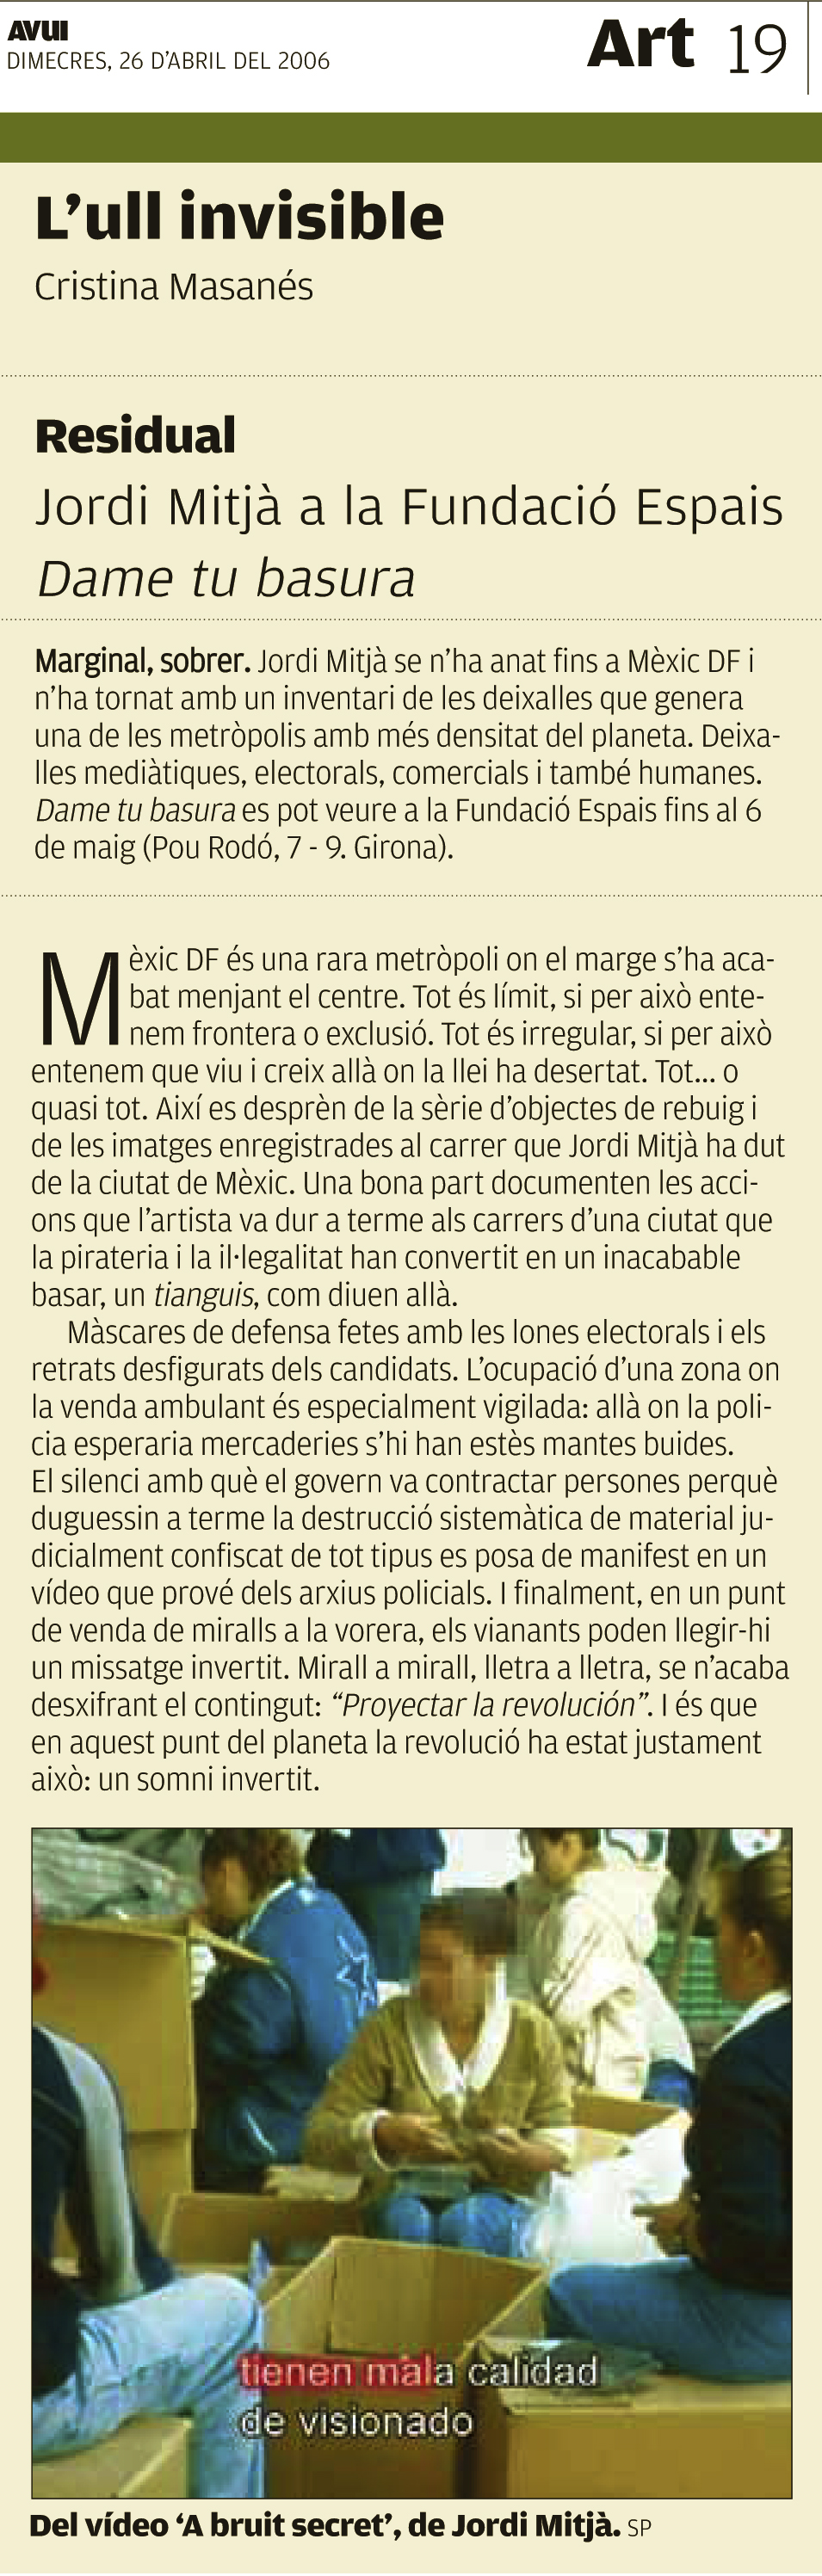 PREM_AVUI_ULL_RESIDUAL_JordiMitjà.jpg